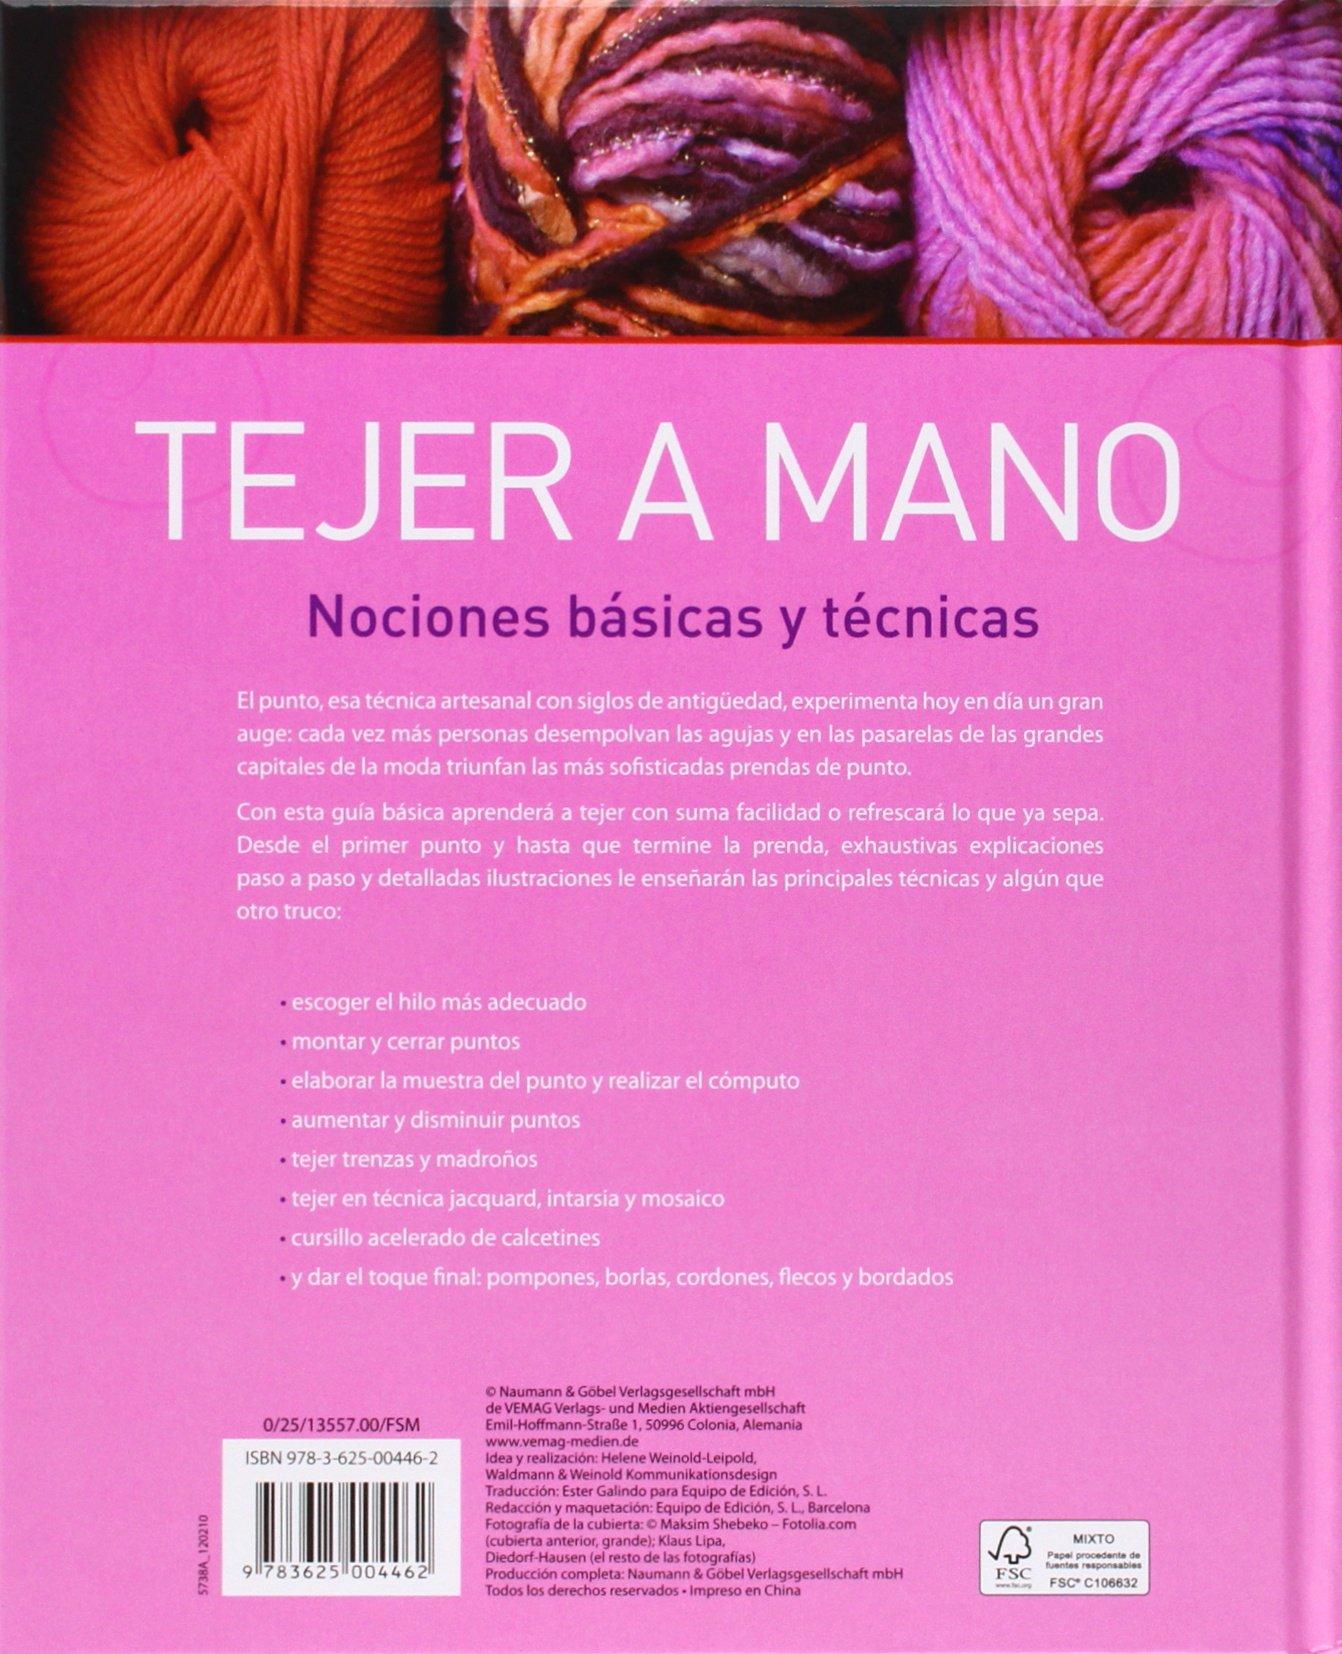 TEJER A MANO - NGV - NUEVA EDIC.: Varios: 9783625004462: Amazon.com: Books